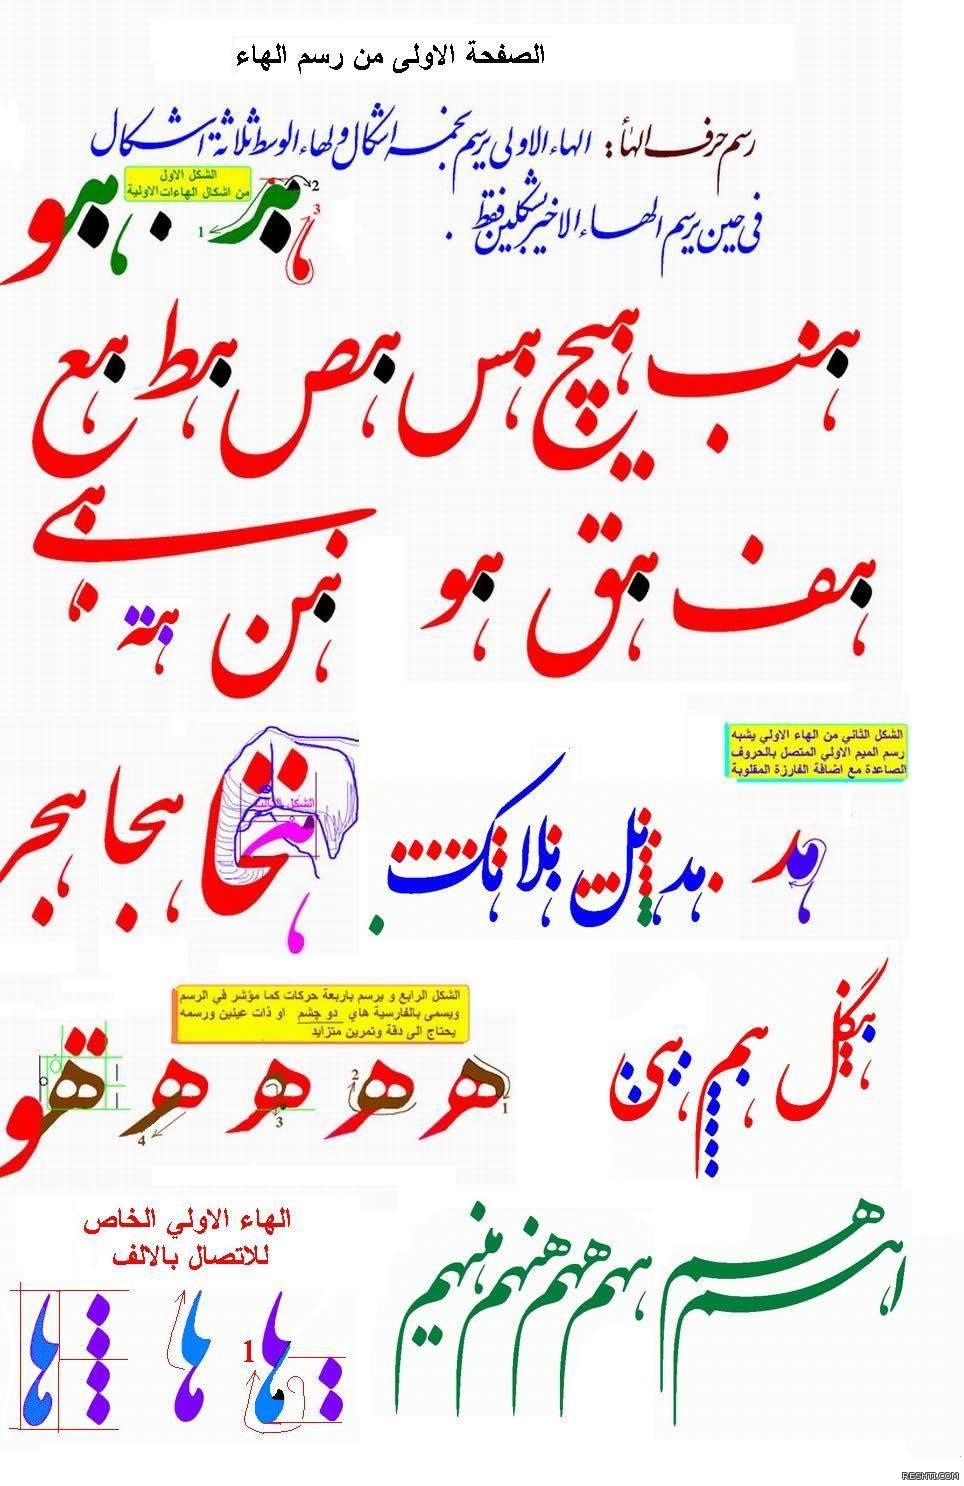 دروس الخط الفارسي- حسام كرمخاني